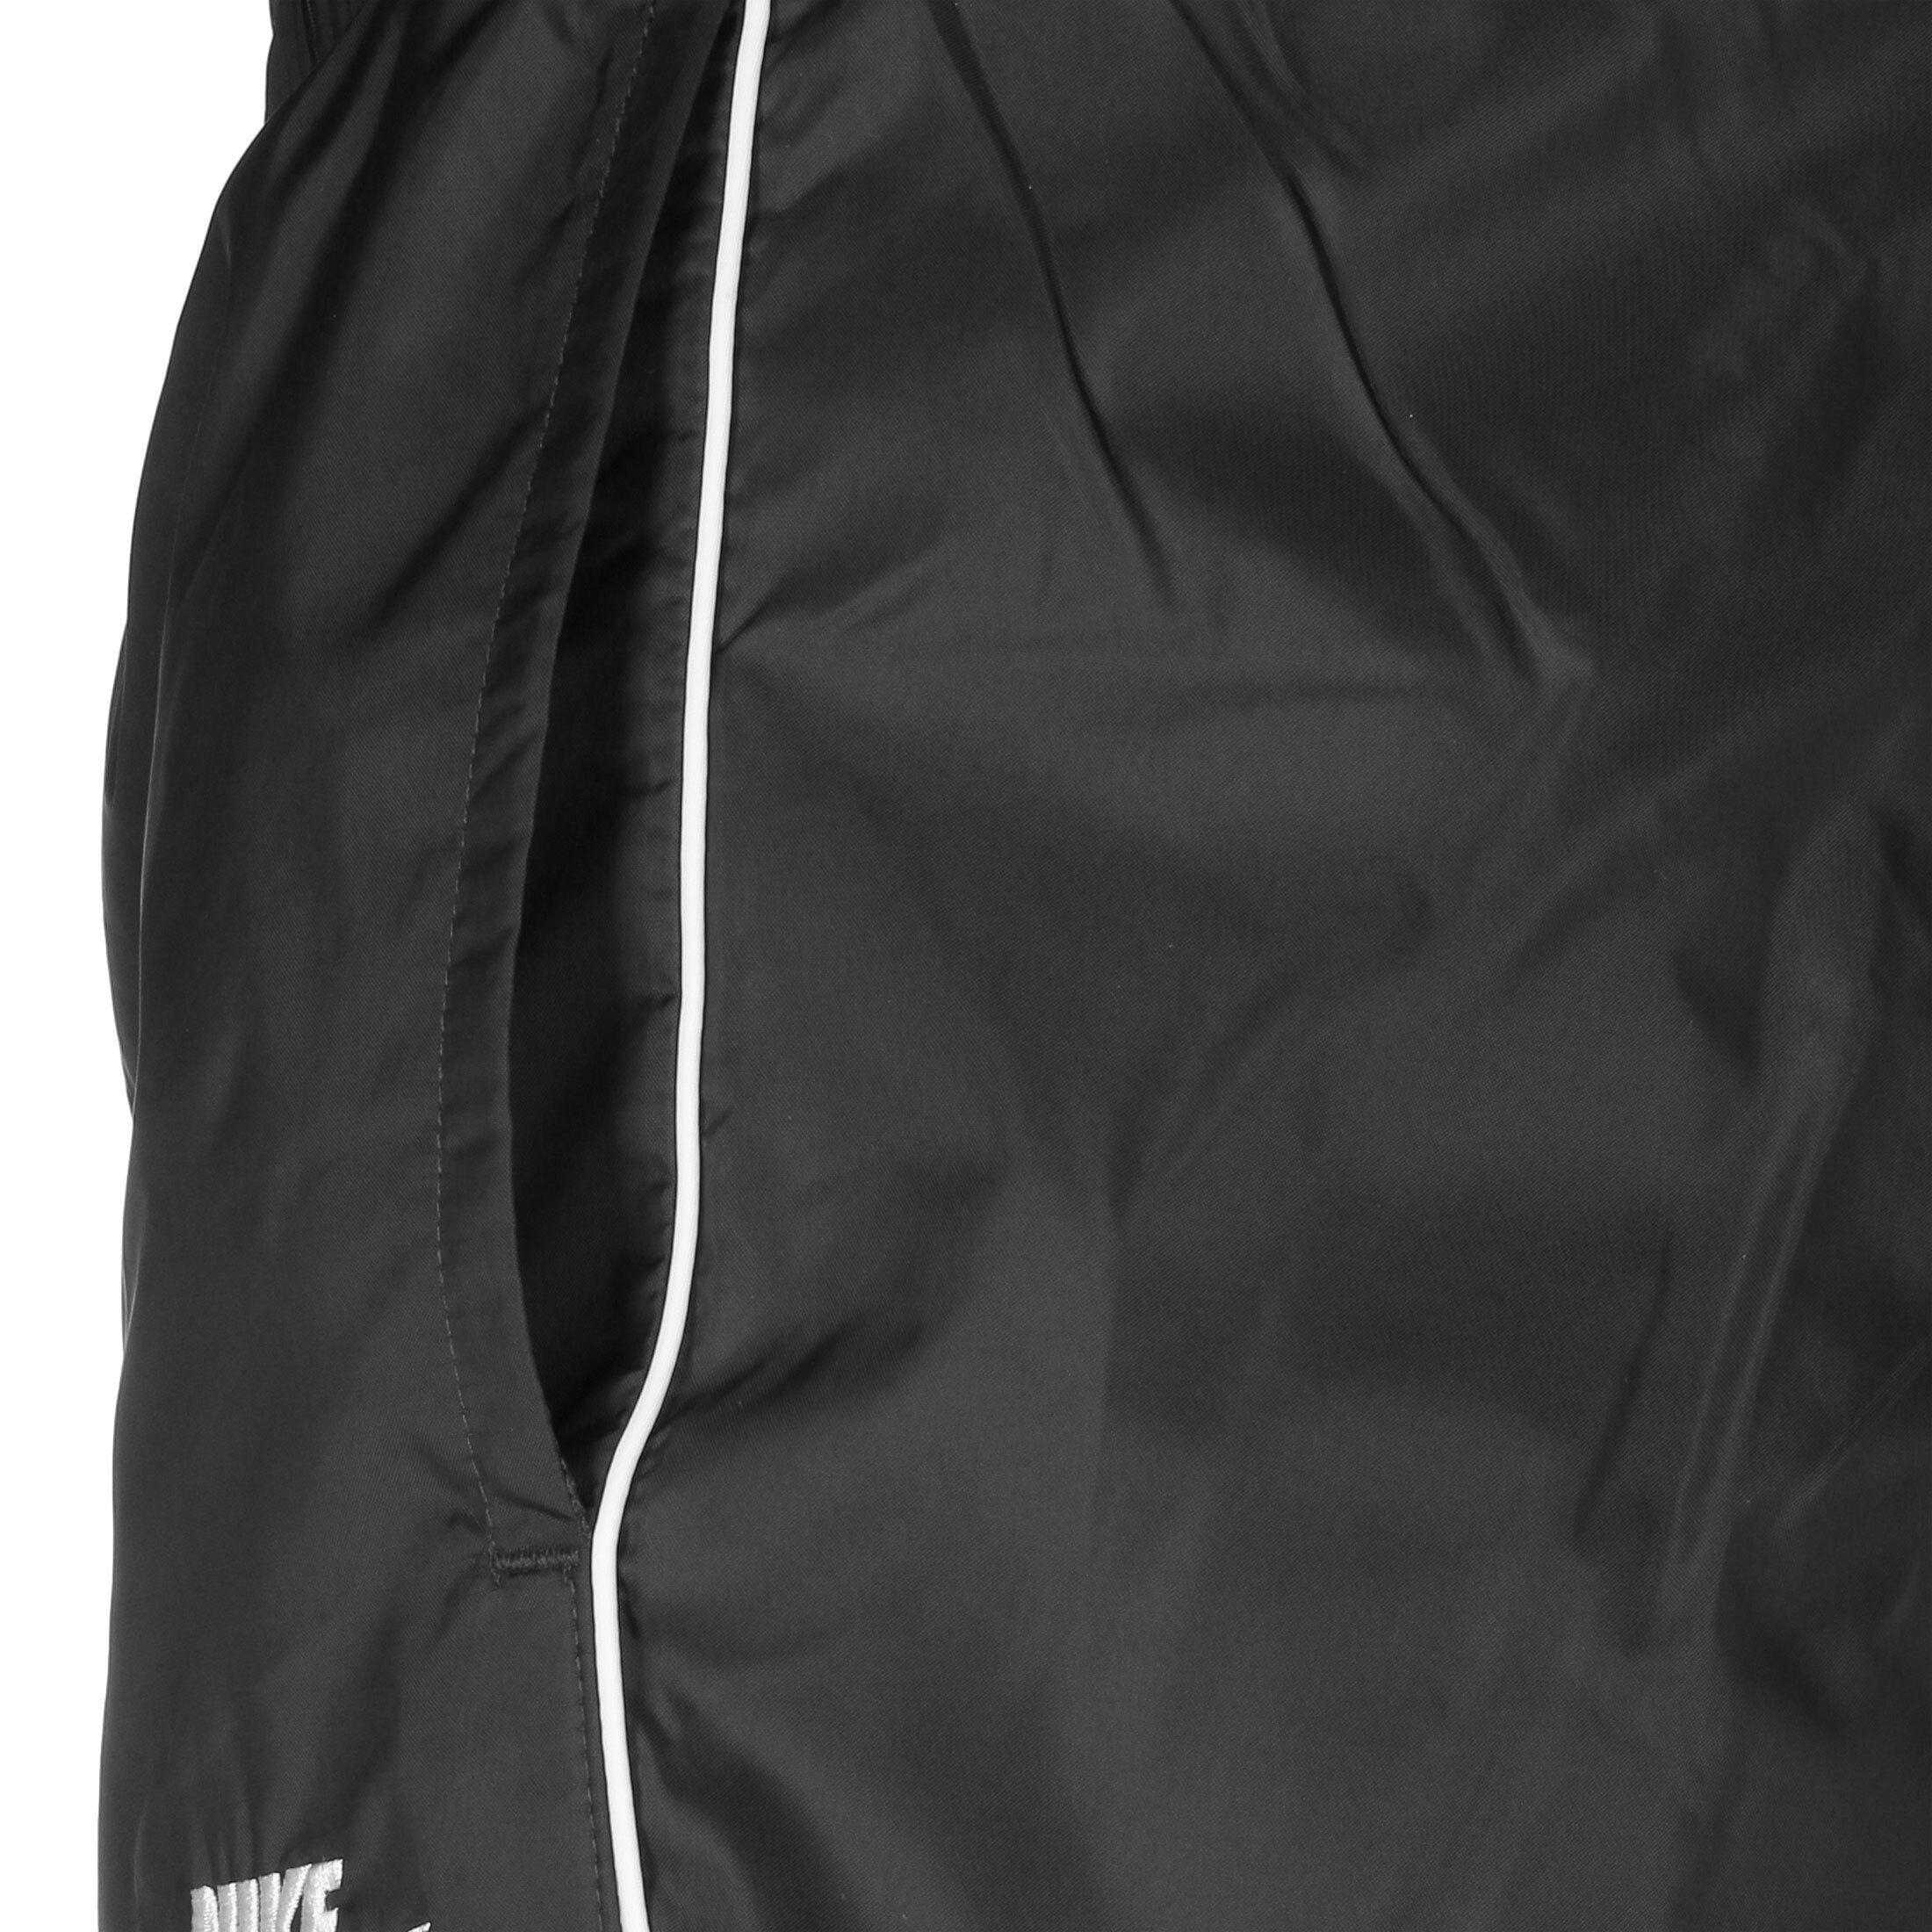 Sportswear CE Tracksuit Woven Basic Trainingsanzug Herren